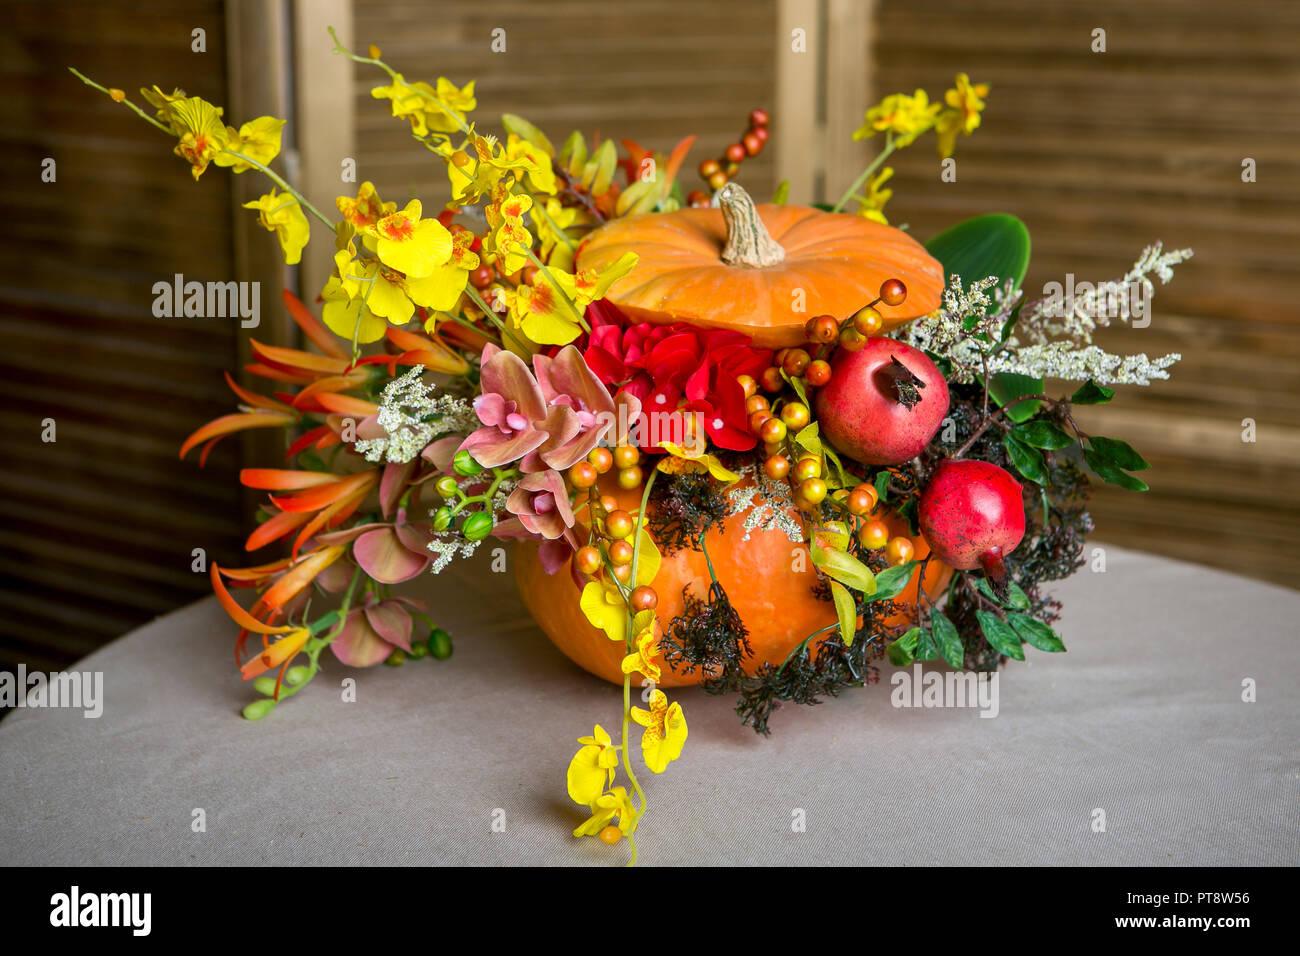 Bright Autumn Bouquet In A Pumpkin On Dark Background Stock Photo Alamy